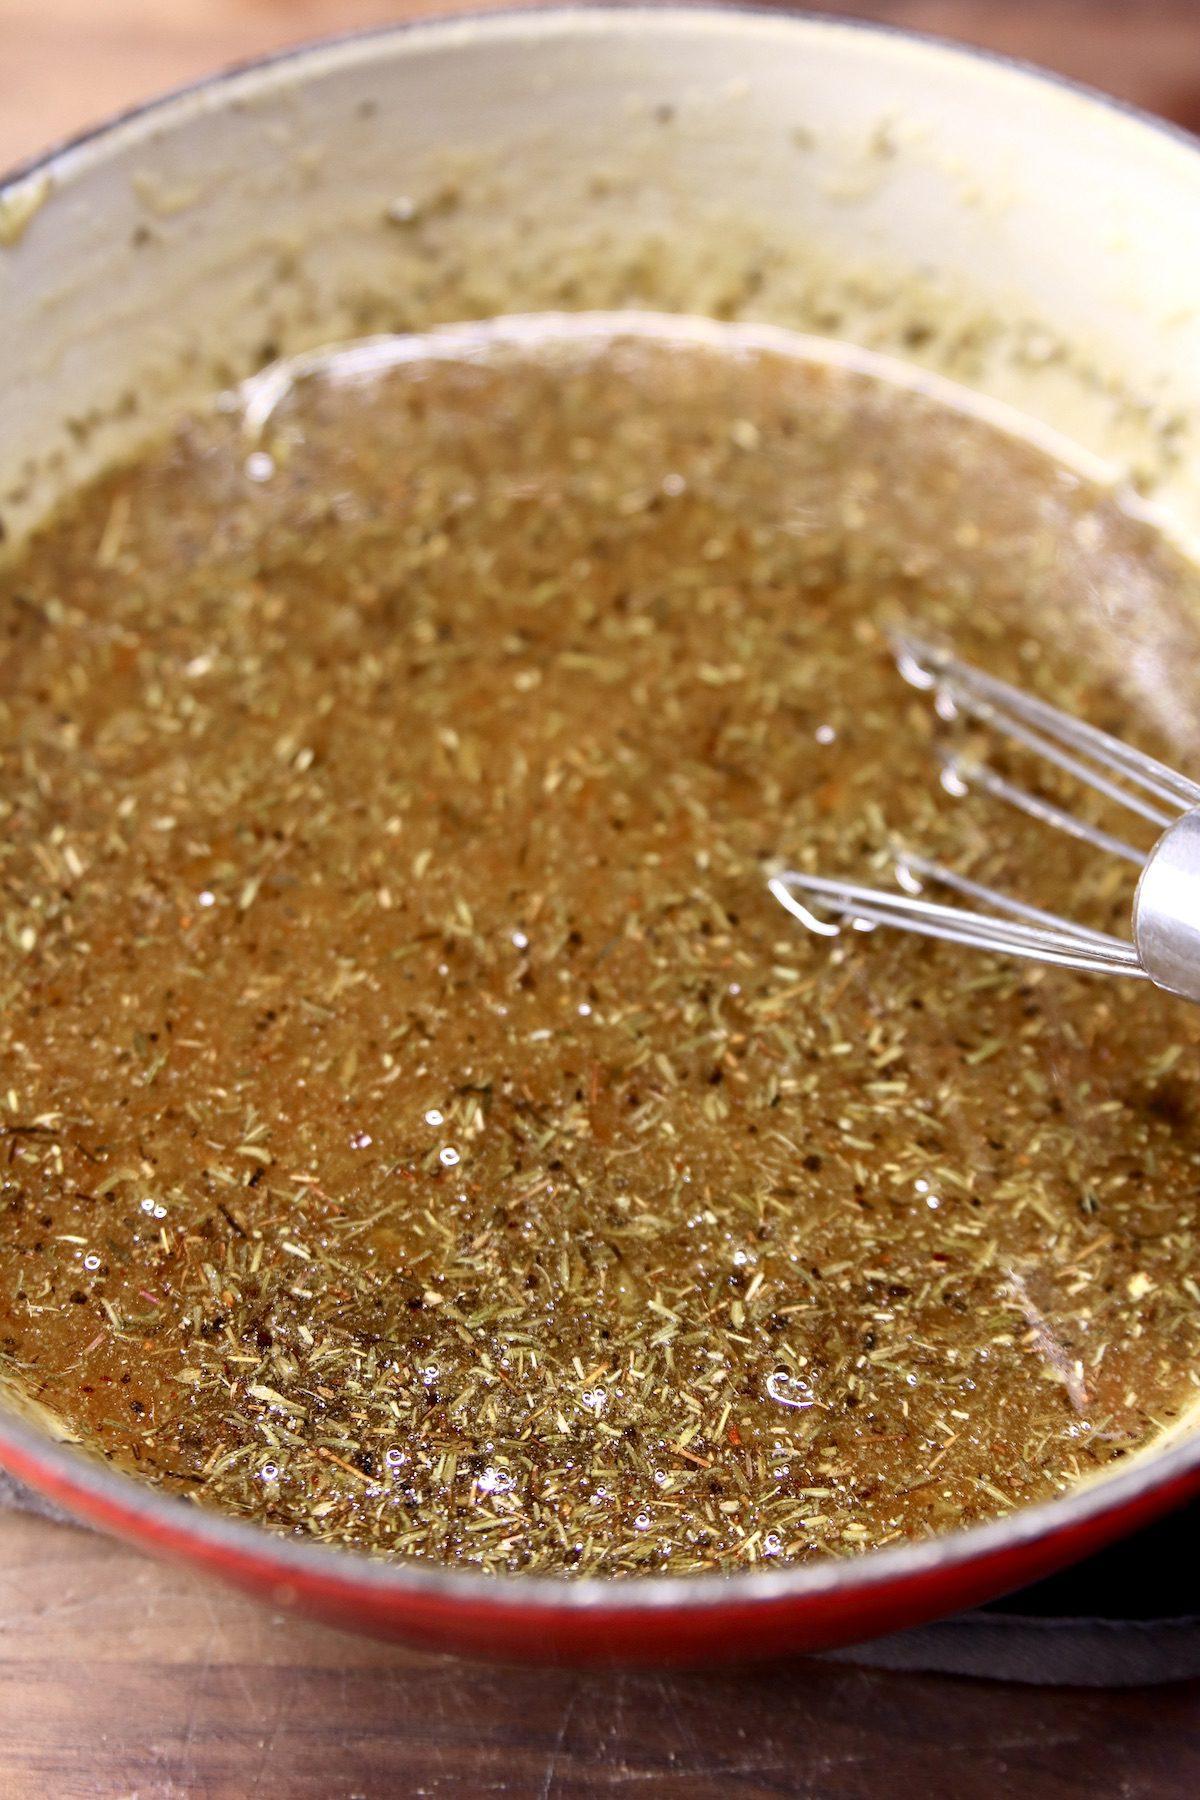 pan of orange ginger marinade